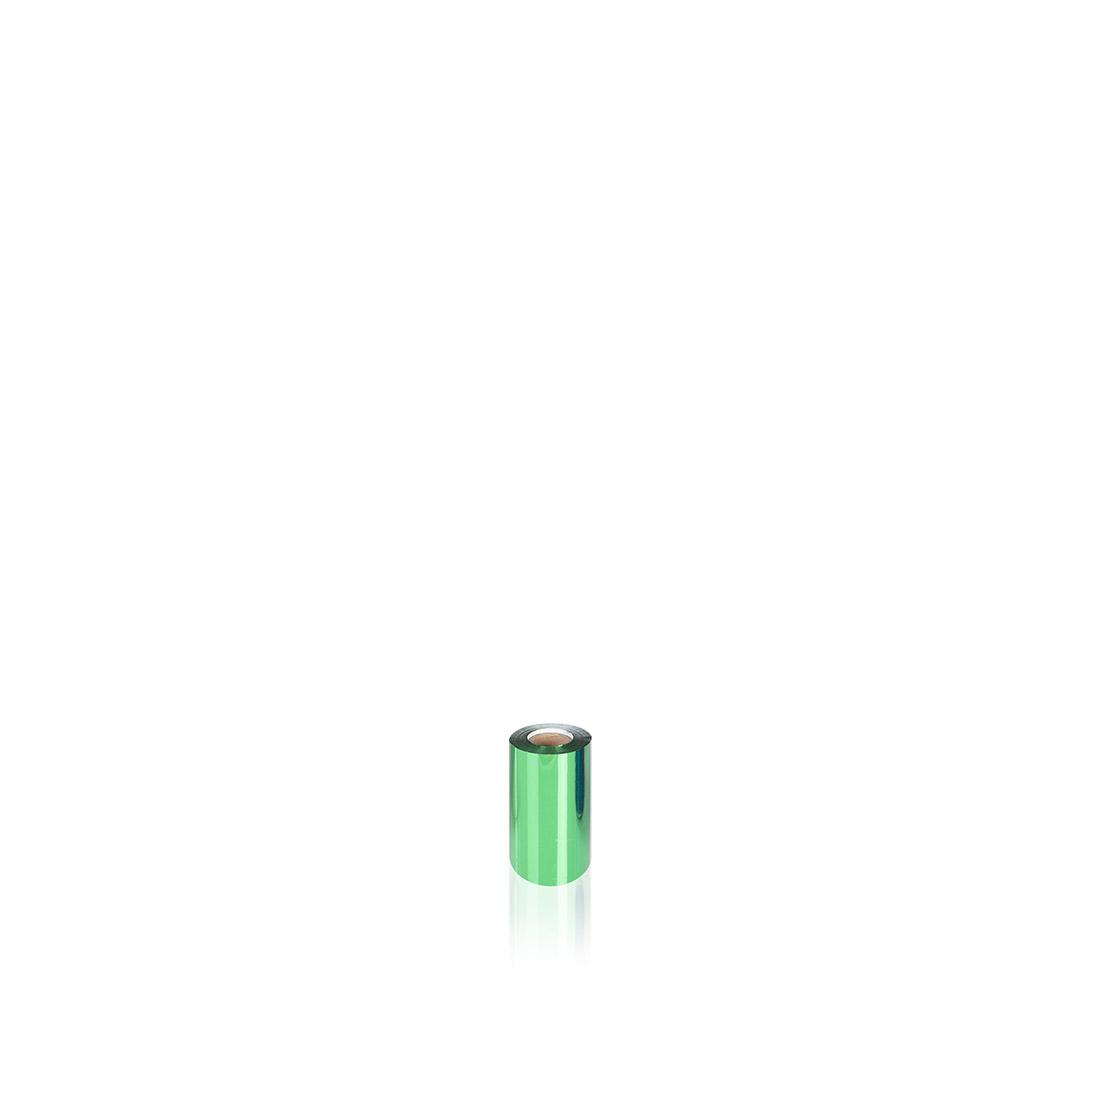 Uniwersalna folia do złoceń, nabłyszczeń w rolce - O.FOIL NEW UNIVERSAL - 10,6 cm x 120 m - zielony